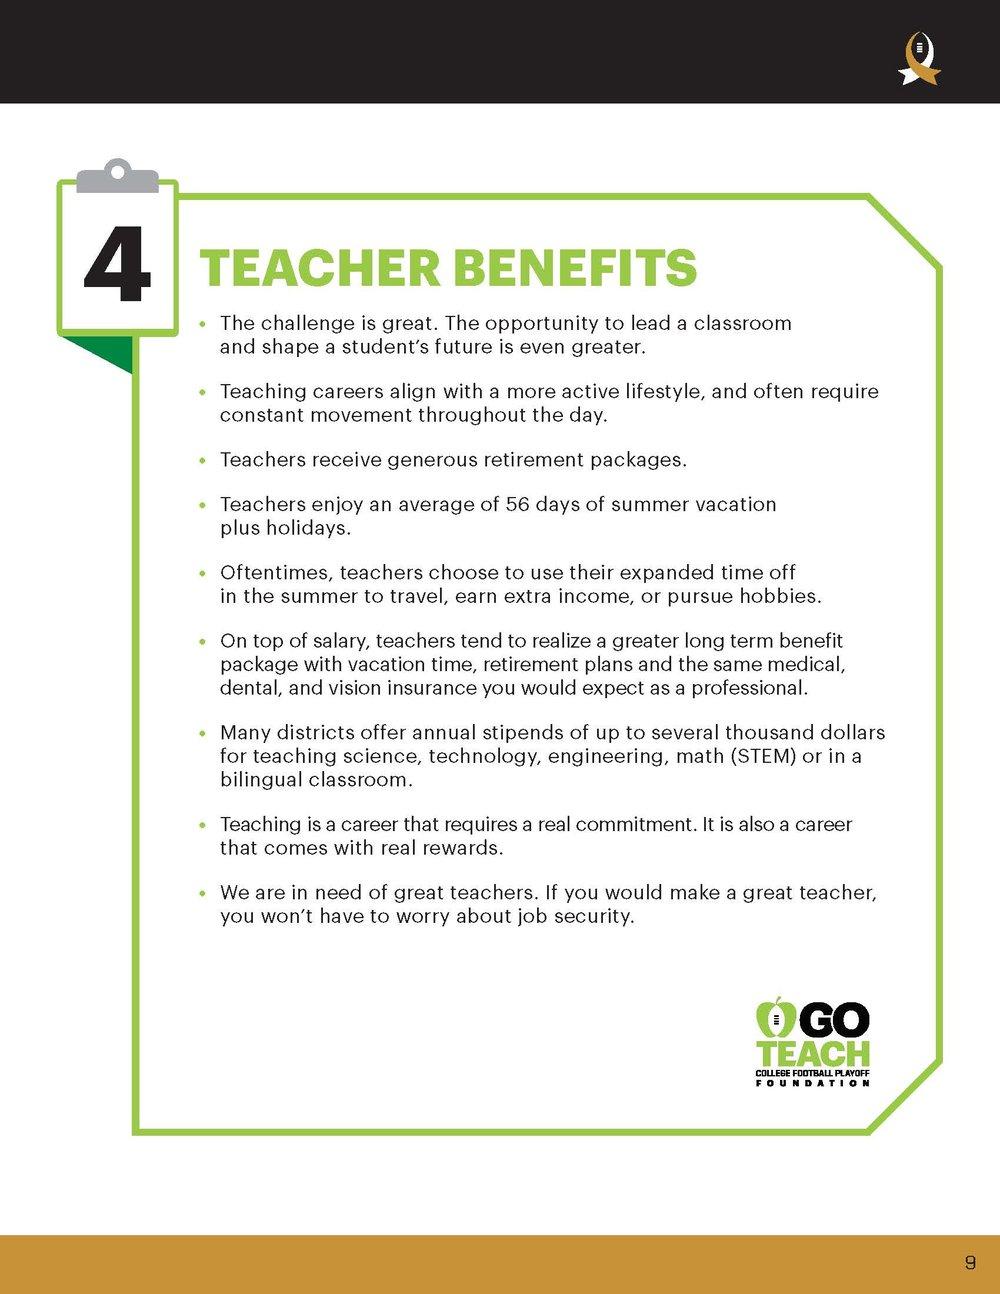 CFPF_GT_DigitalKit_31519_Teacher Benefits.jpg